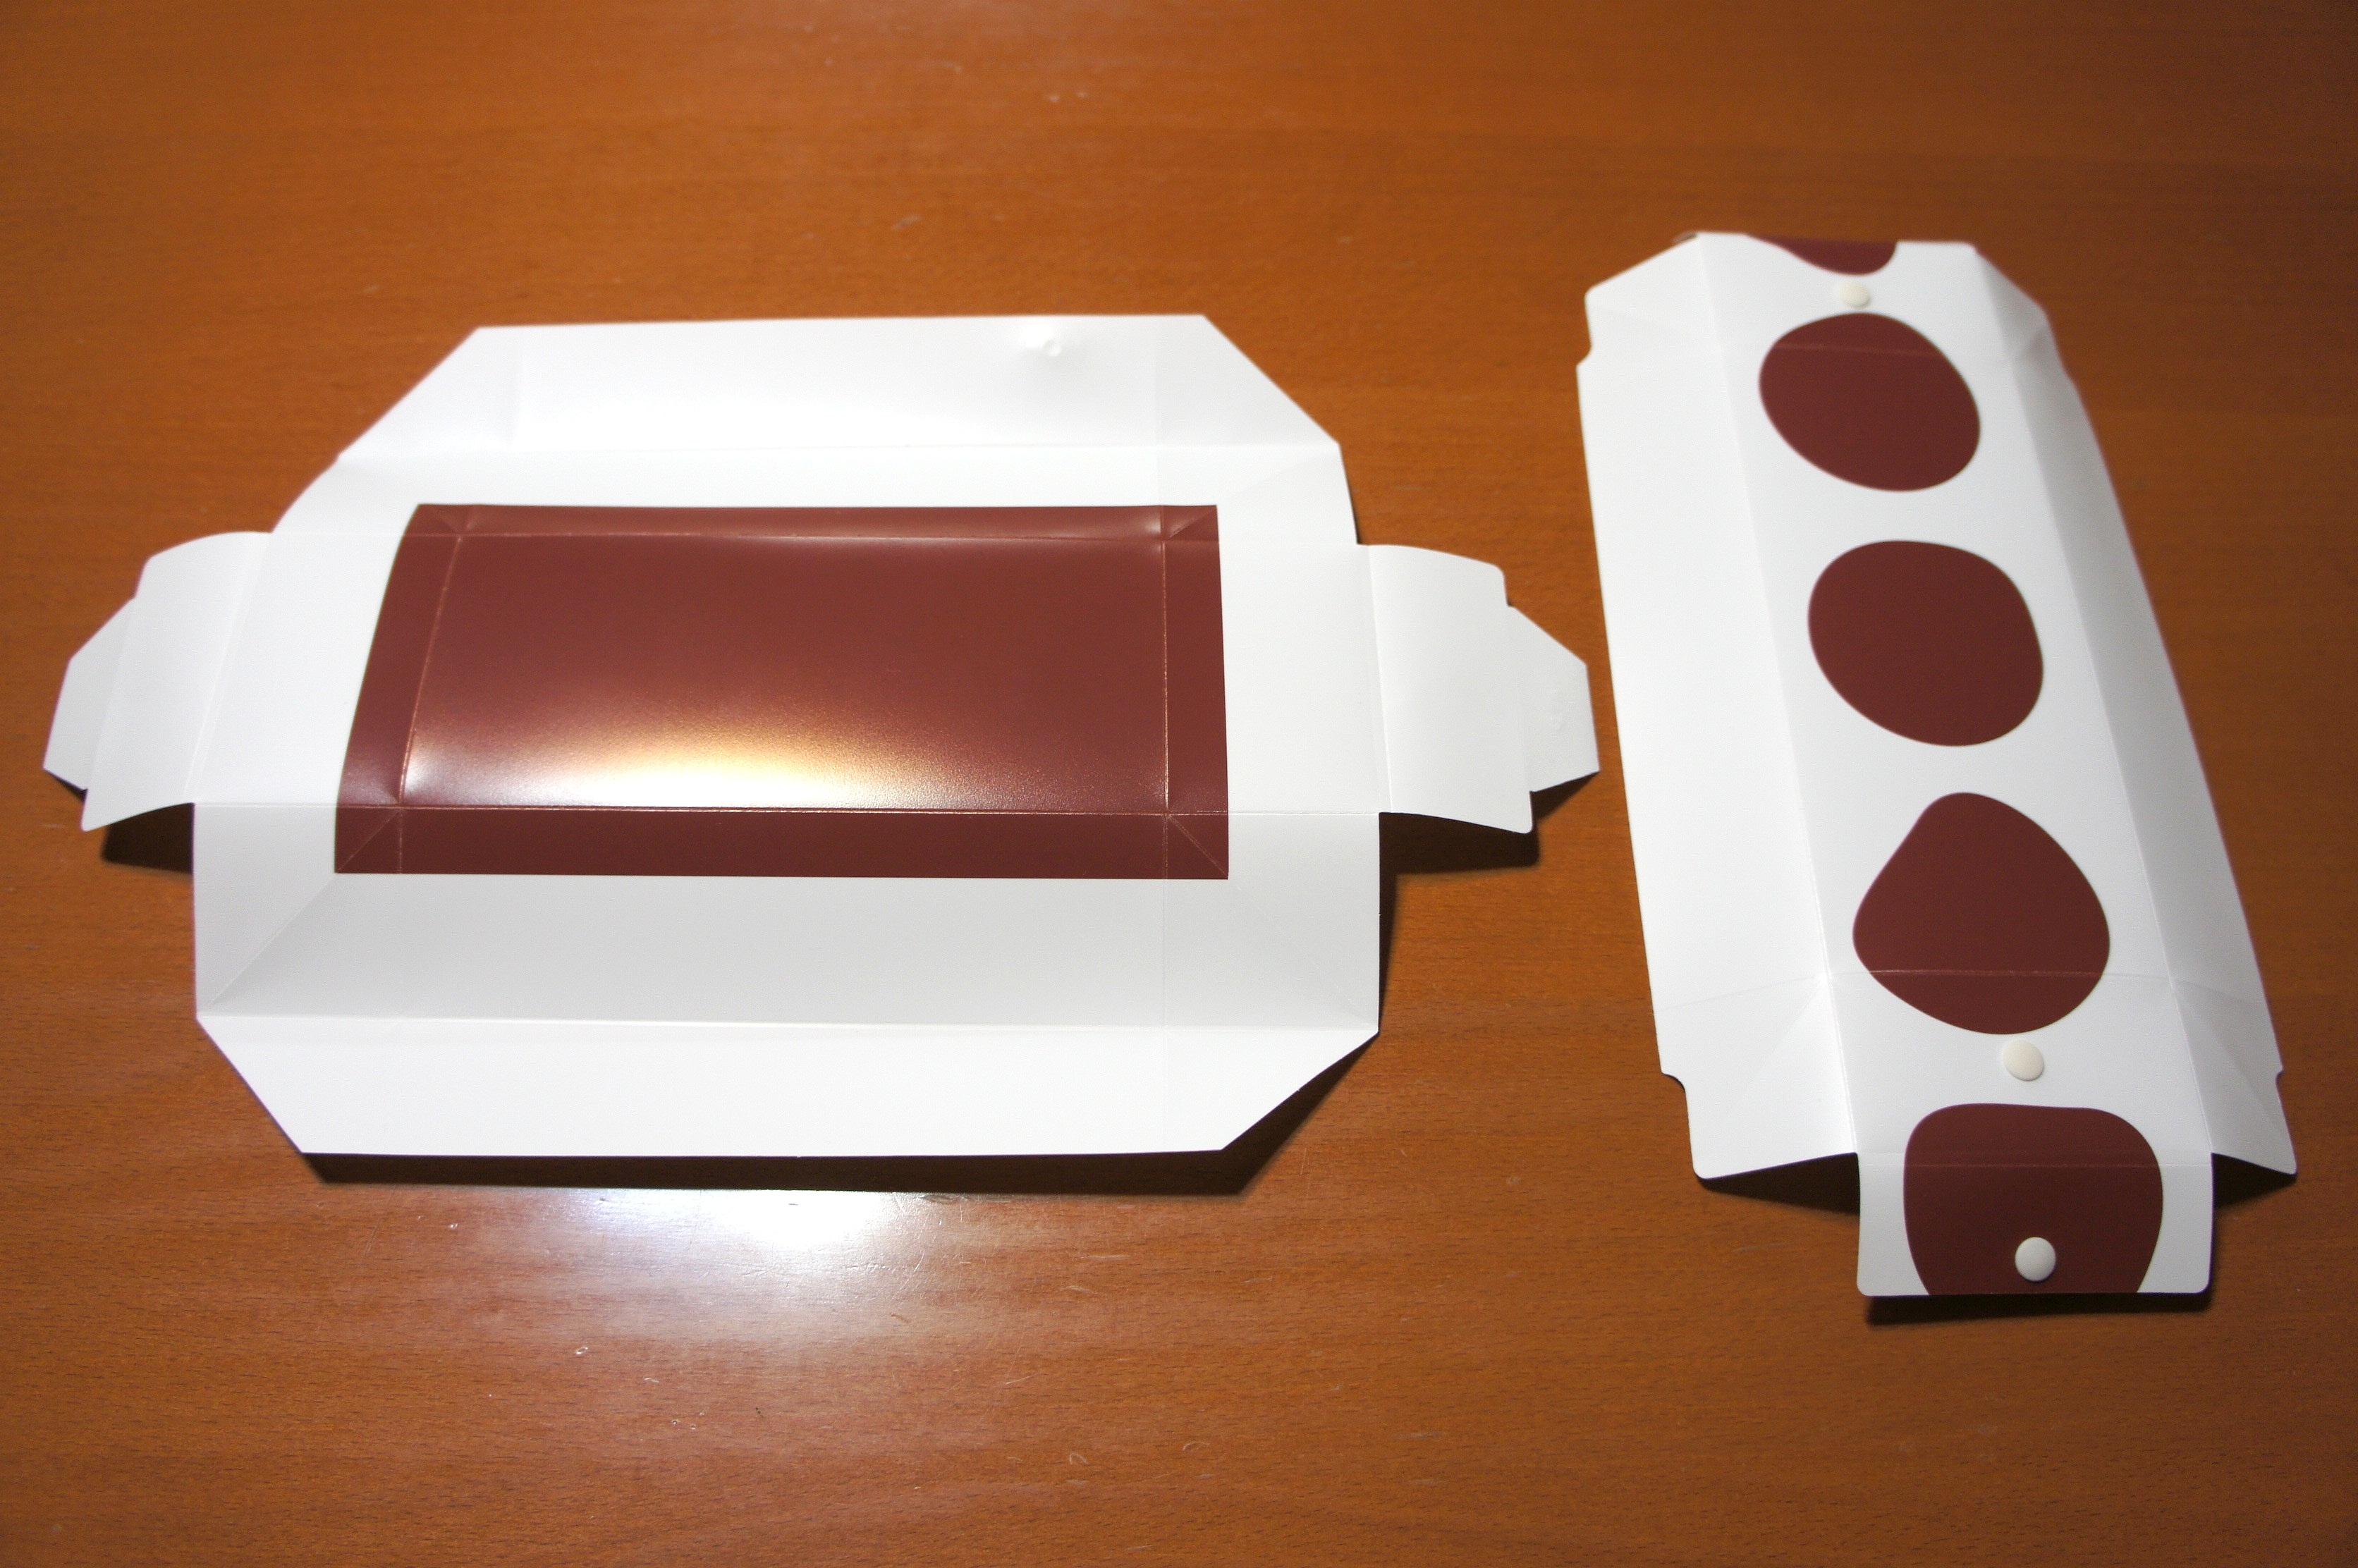 展開した状態のフラットランチボックス。蓋も箱も完全に平面な板になる